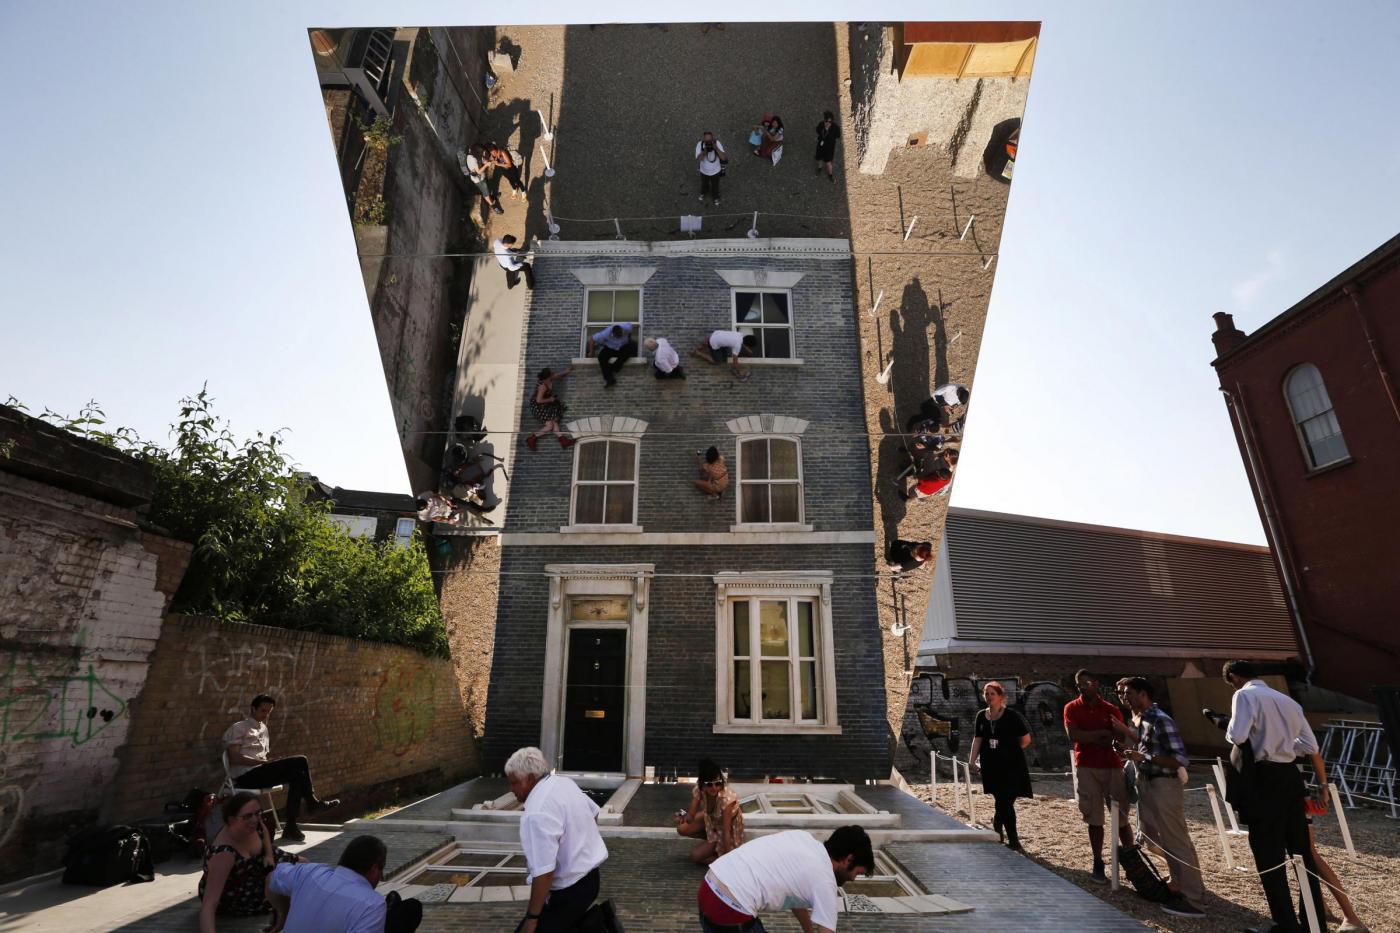 Londra la casa degli specchi di leandro erlich foto - Casa degli specchi ...